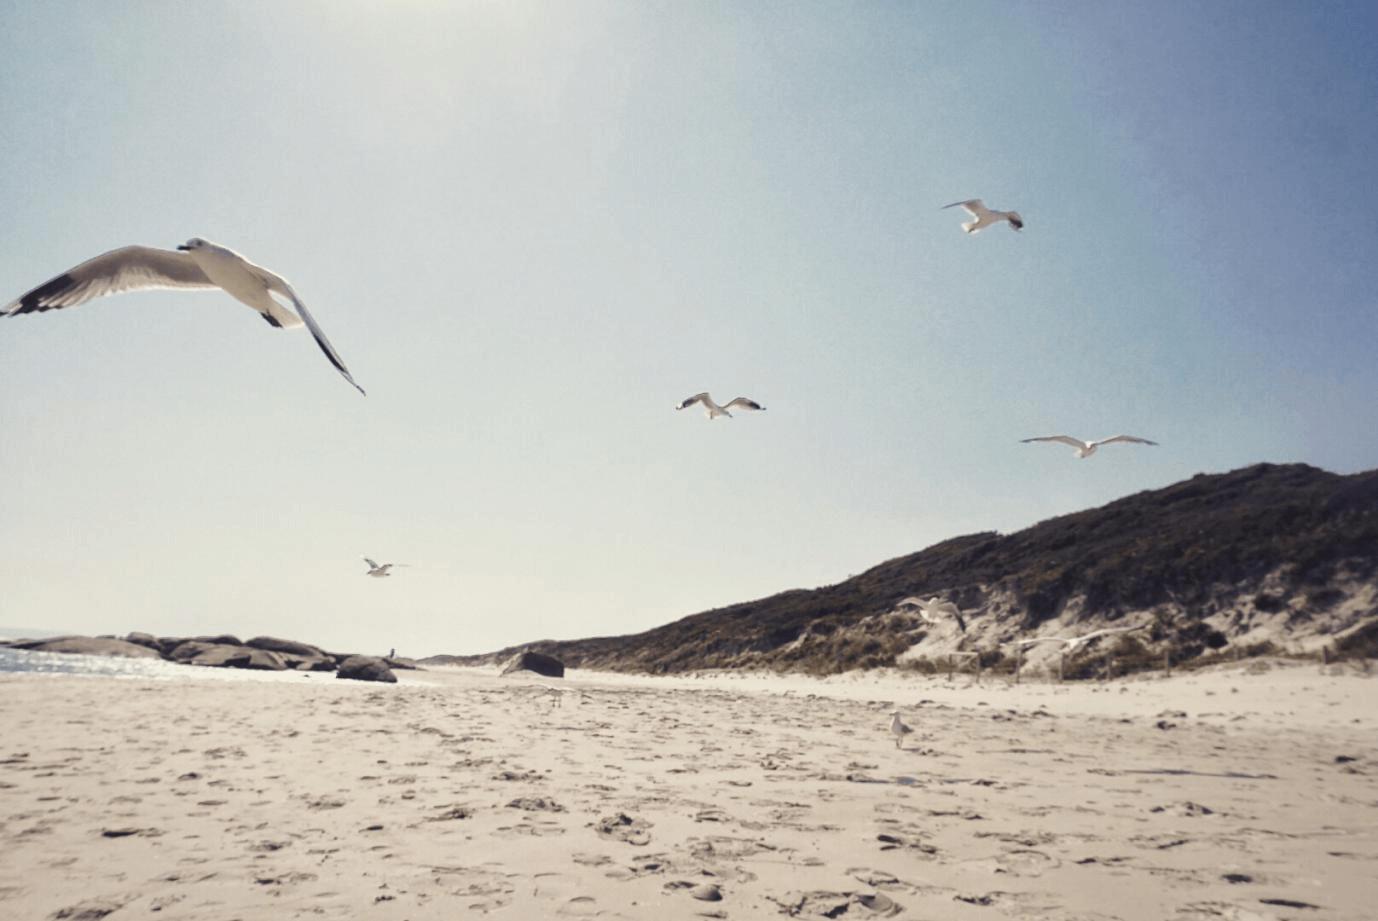 Rottnest Island: Liburan ke Pulau Wisata 30 Menit dari Perth